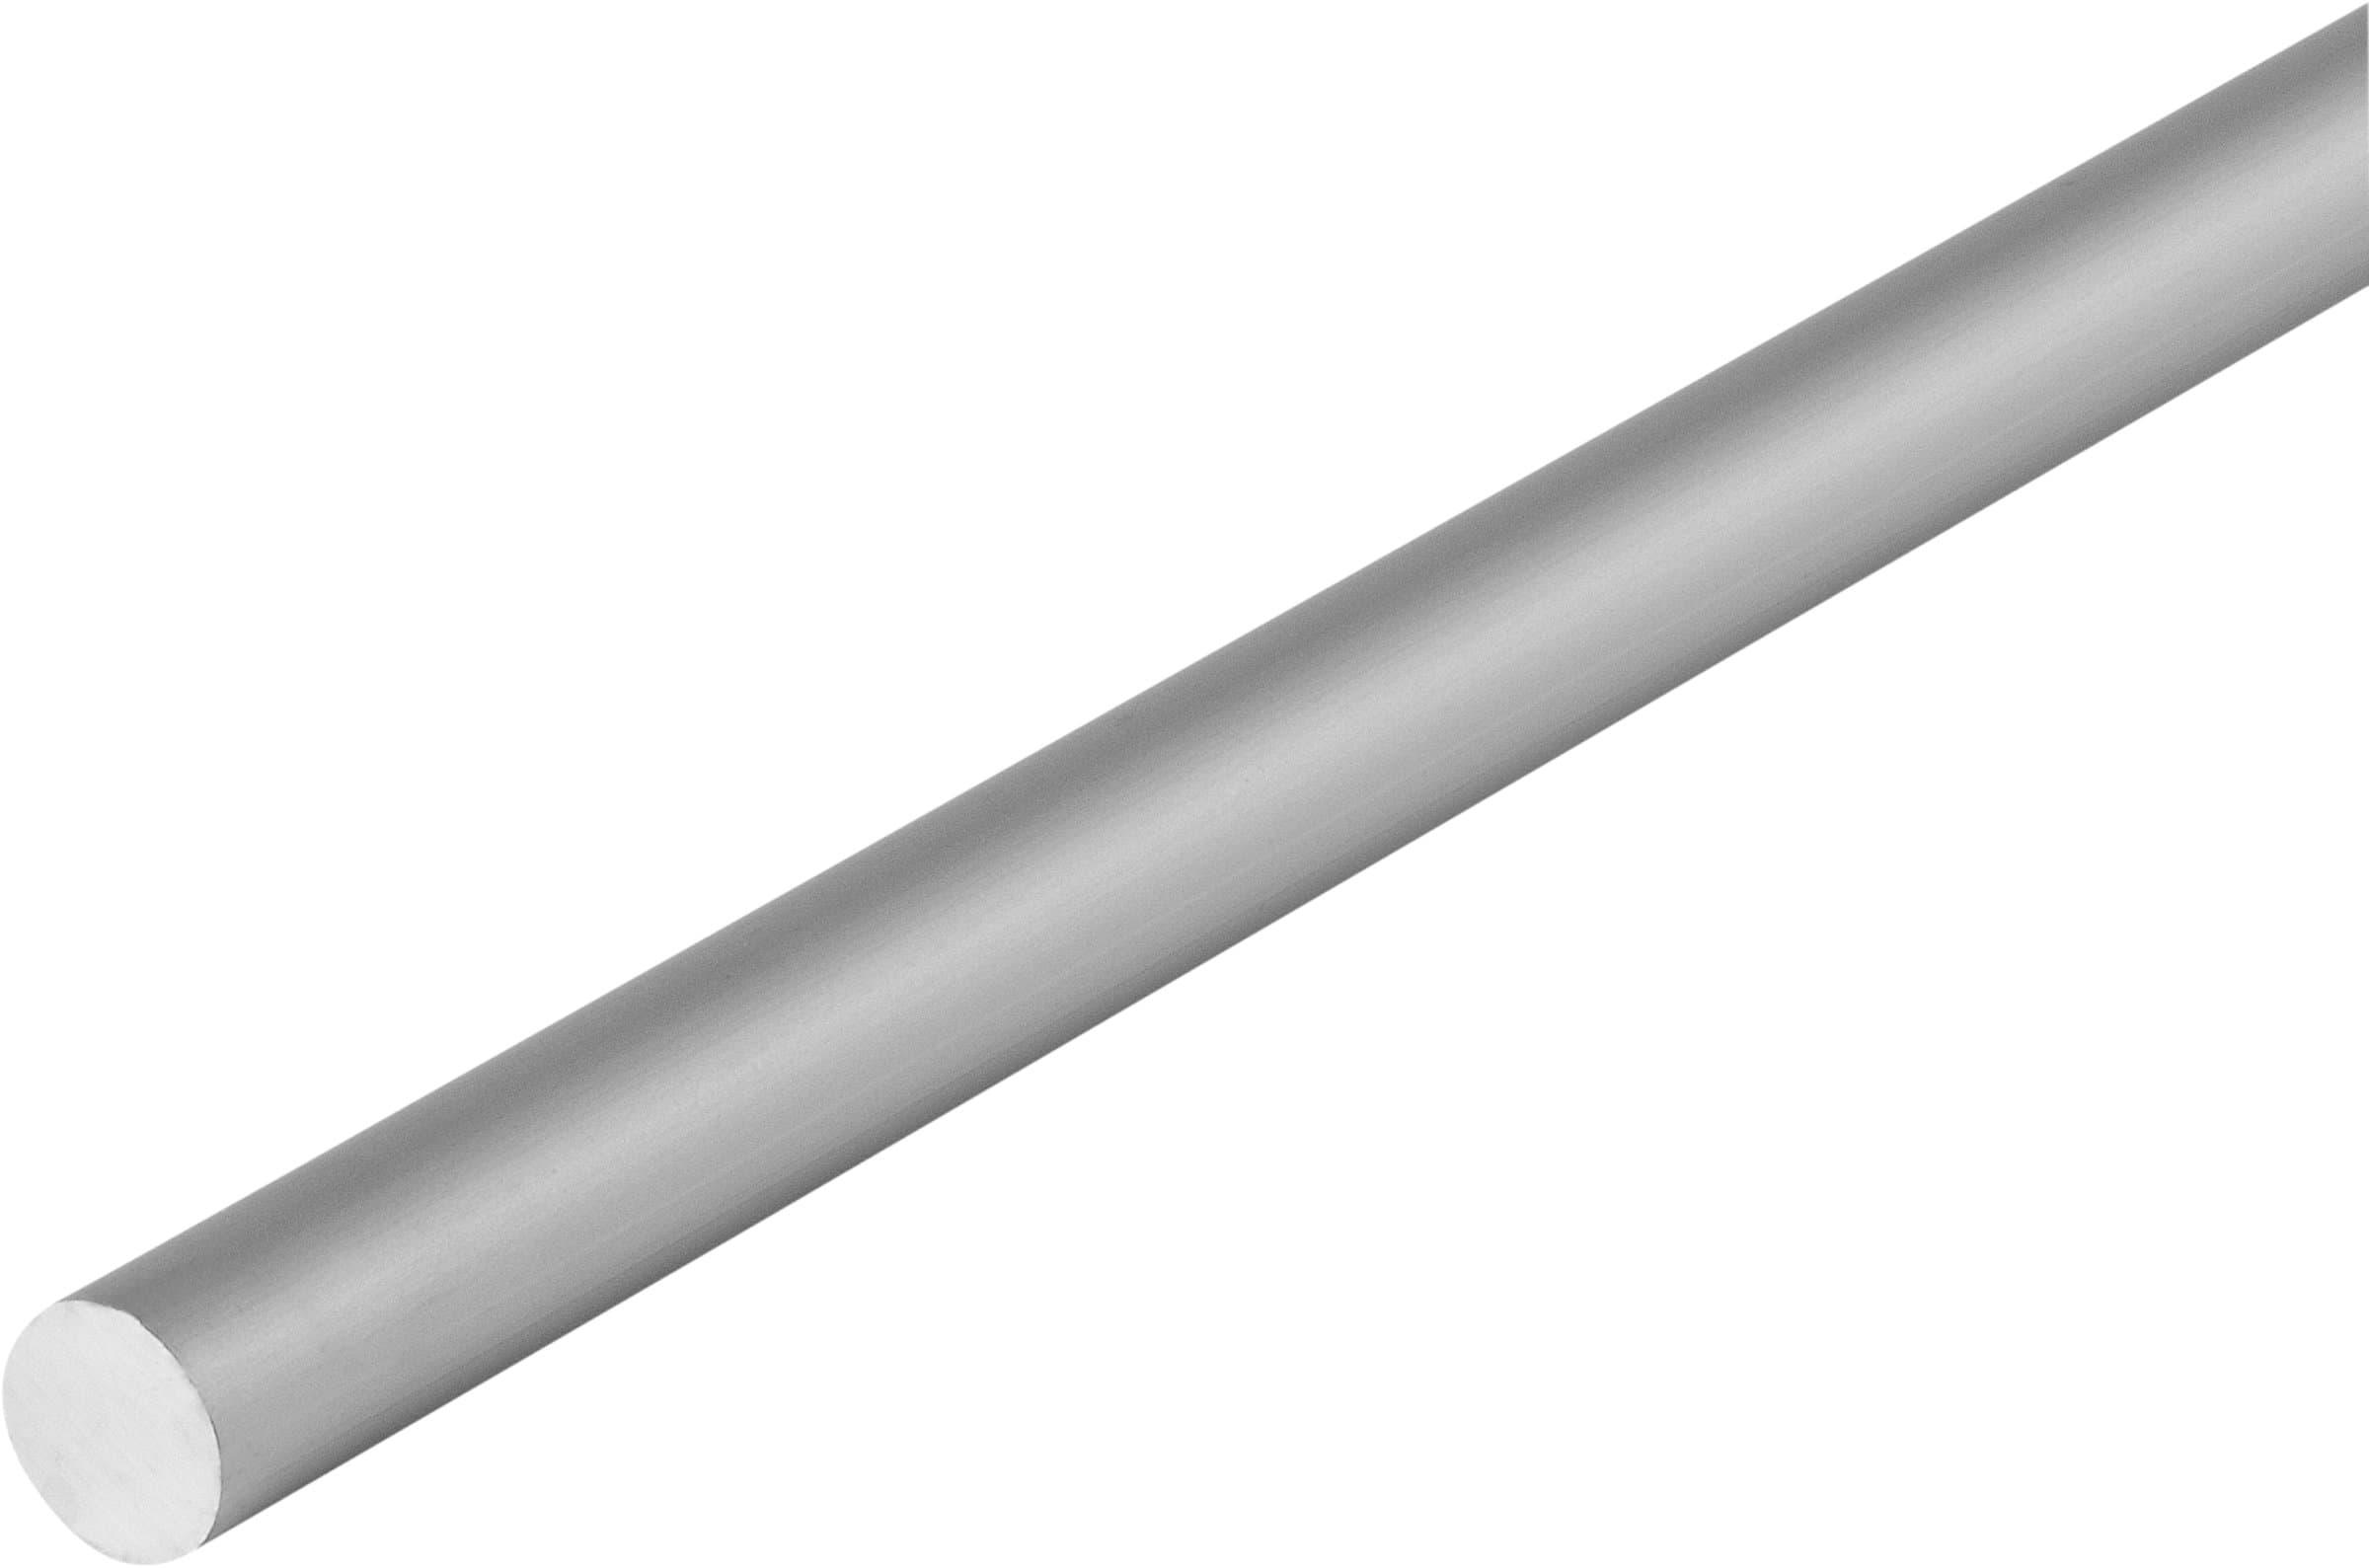 alfer Barra tonda 12 mm argento 1 m